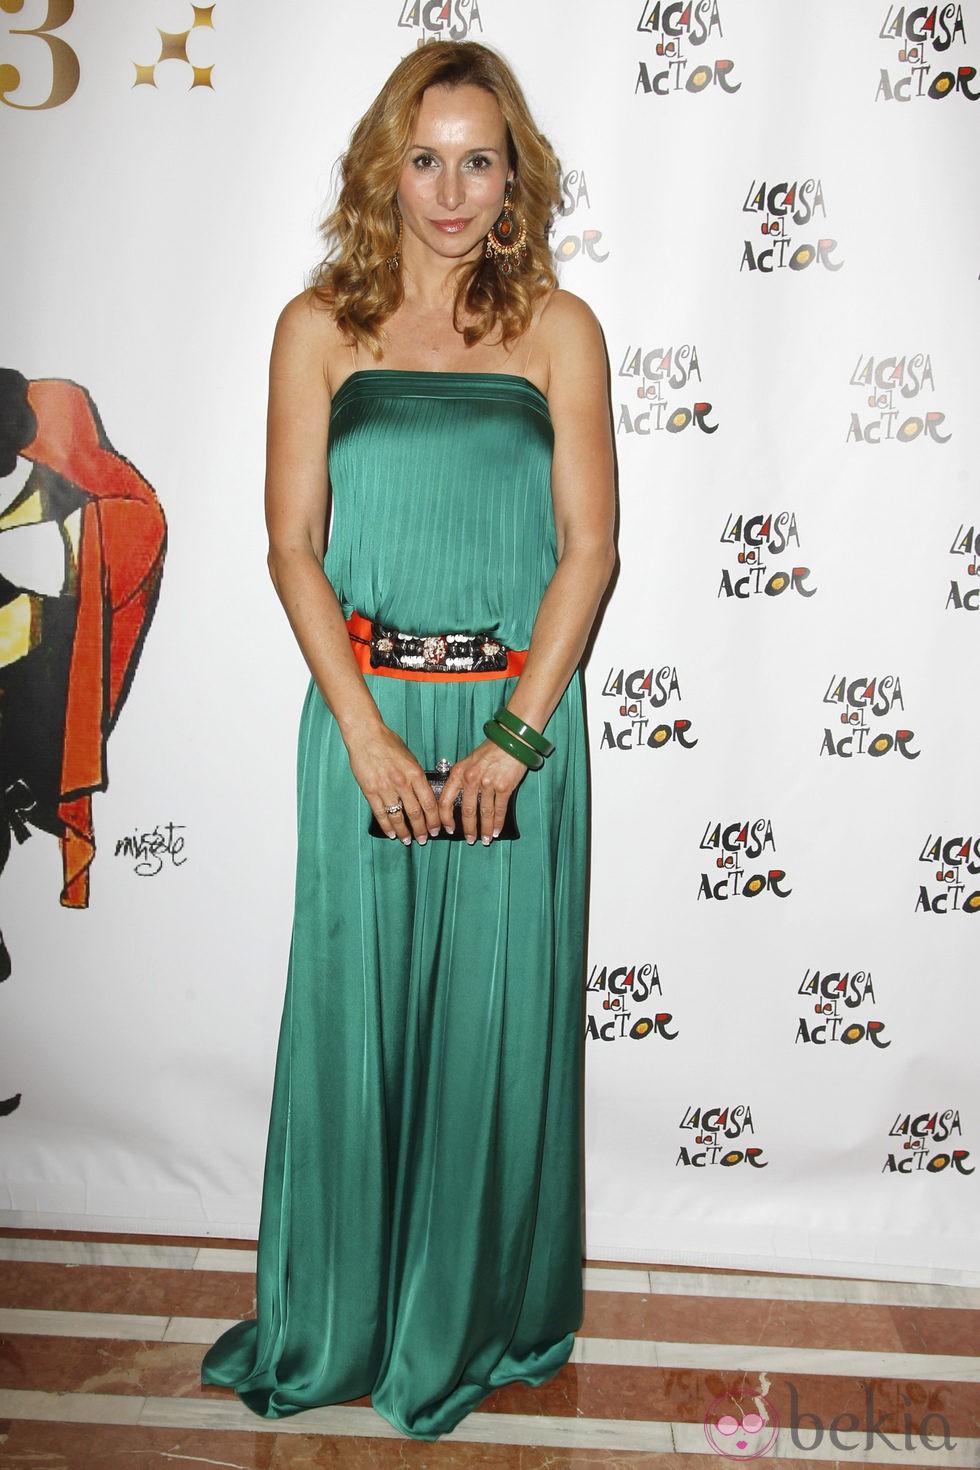 Mar Regueras en los premios de La Casa del Actor 2013